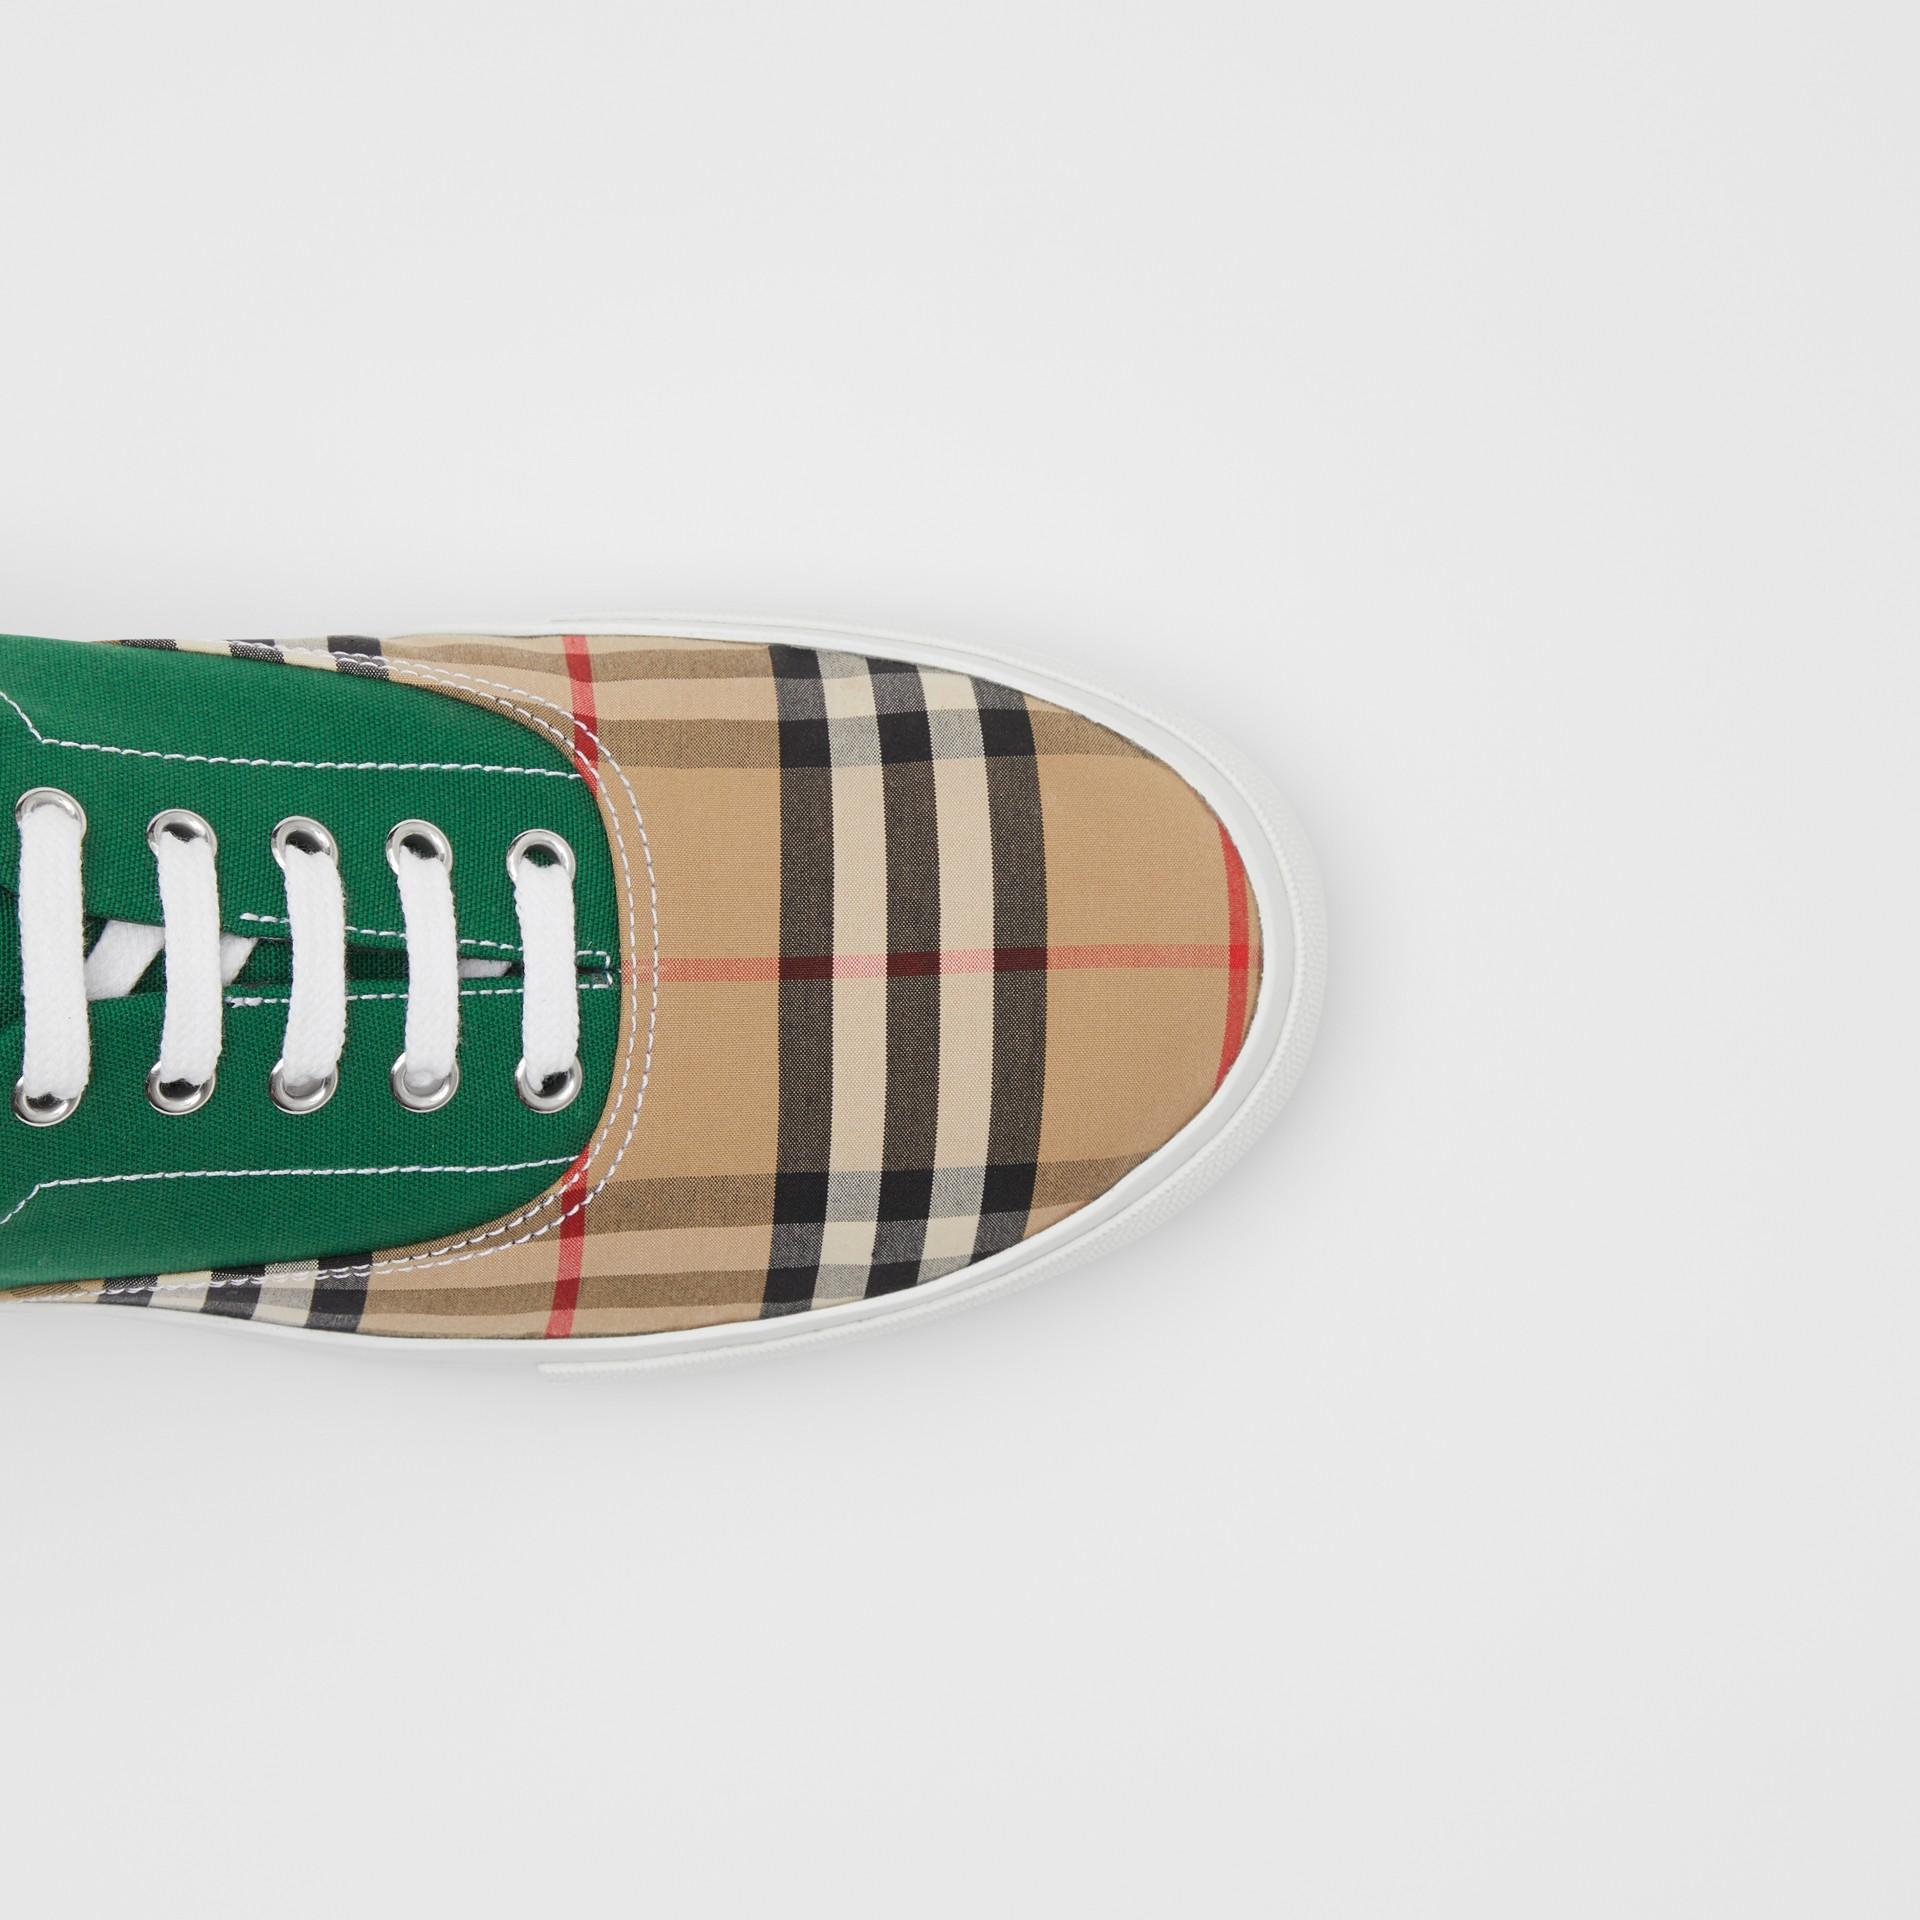 Sneakers en tissu Vintage check, toile de coton et cuir velours (Beige D'archive/vert) - Homme | Burberry - photo de la galerie 1